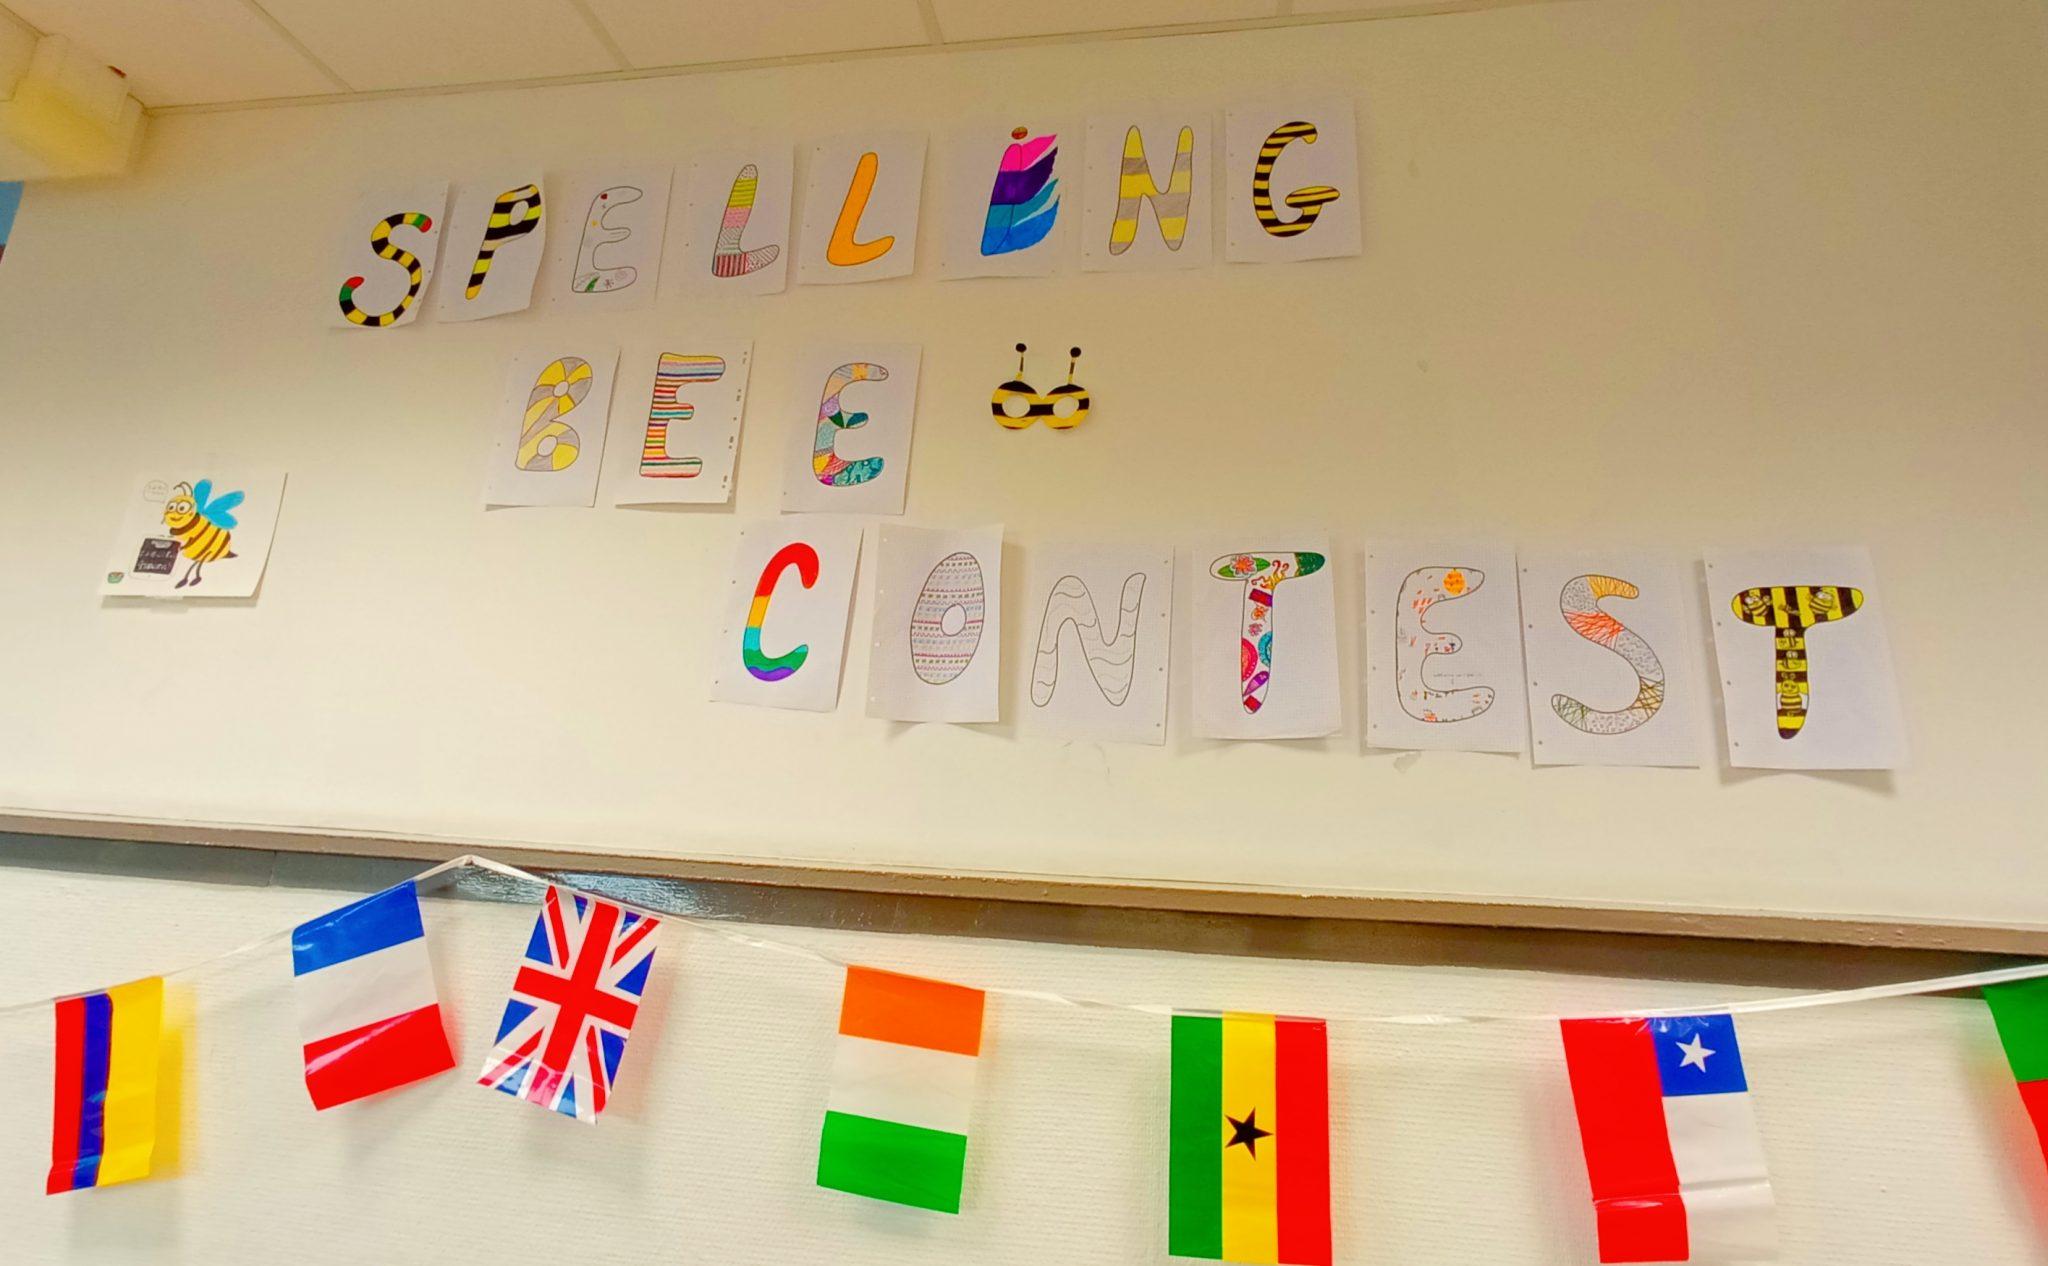 Spelling Bee Contest…. Bzzzz!